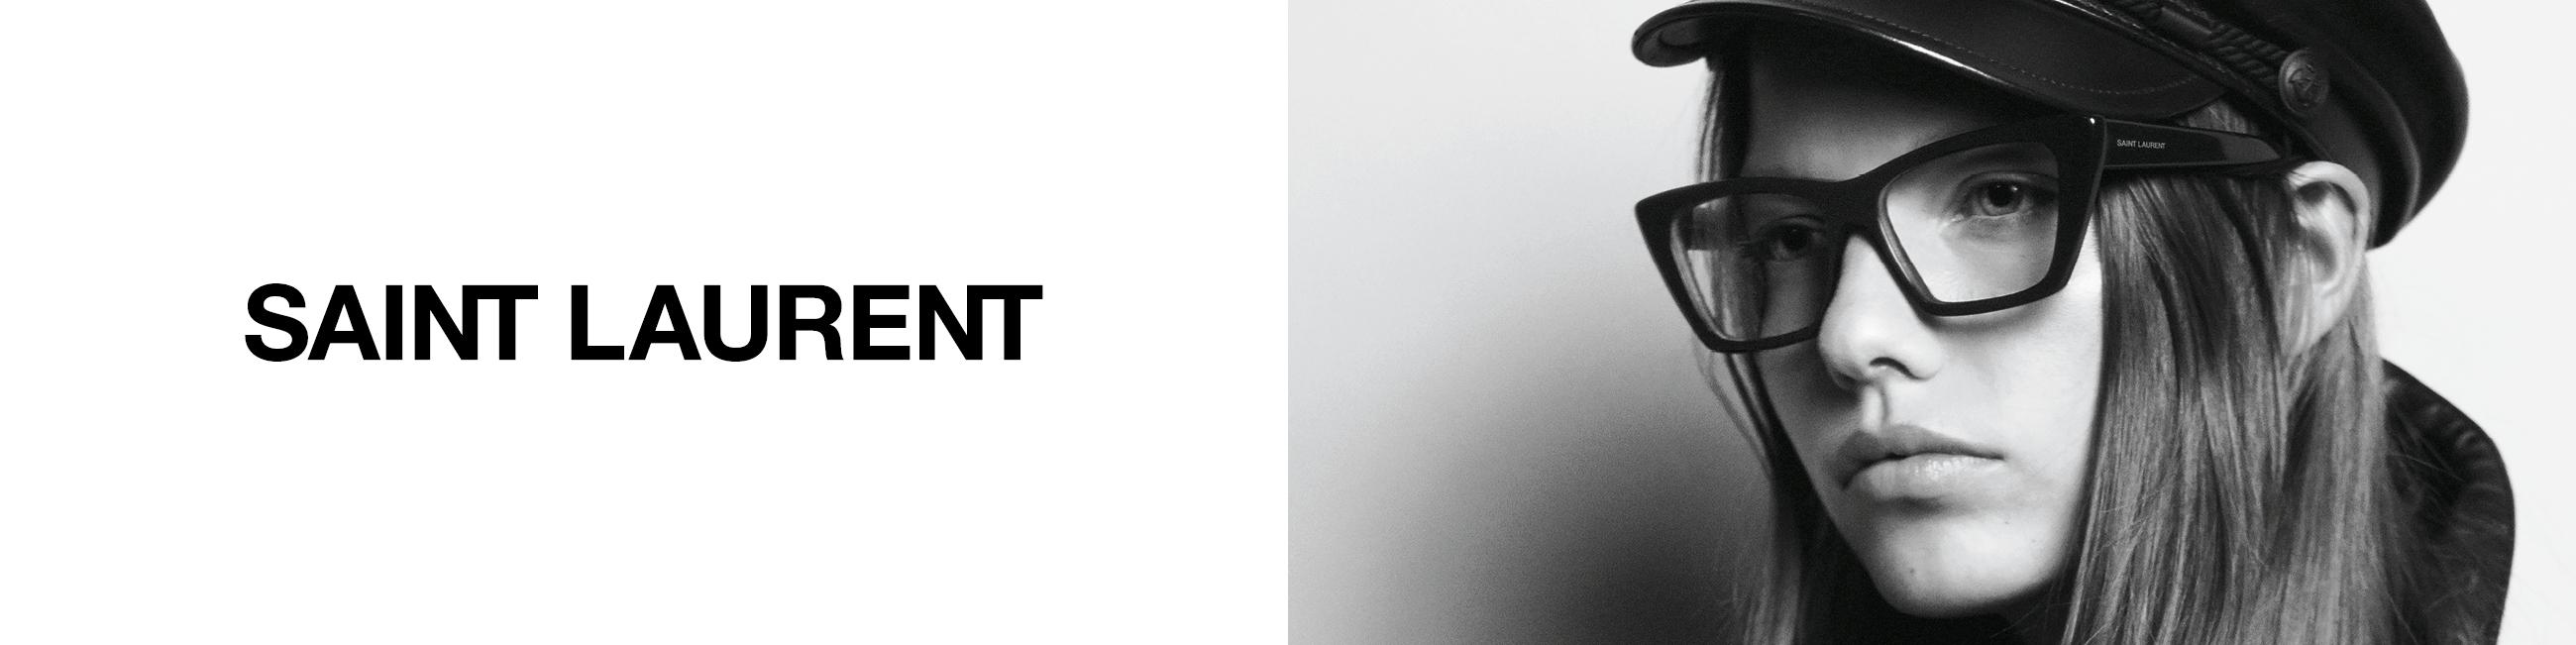 Silmälasit - MICHAEL KORS - SAINT LAURENT